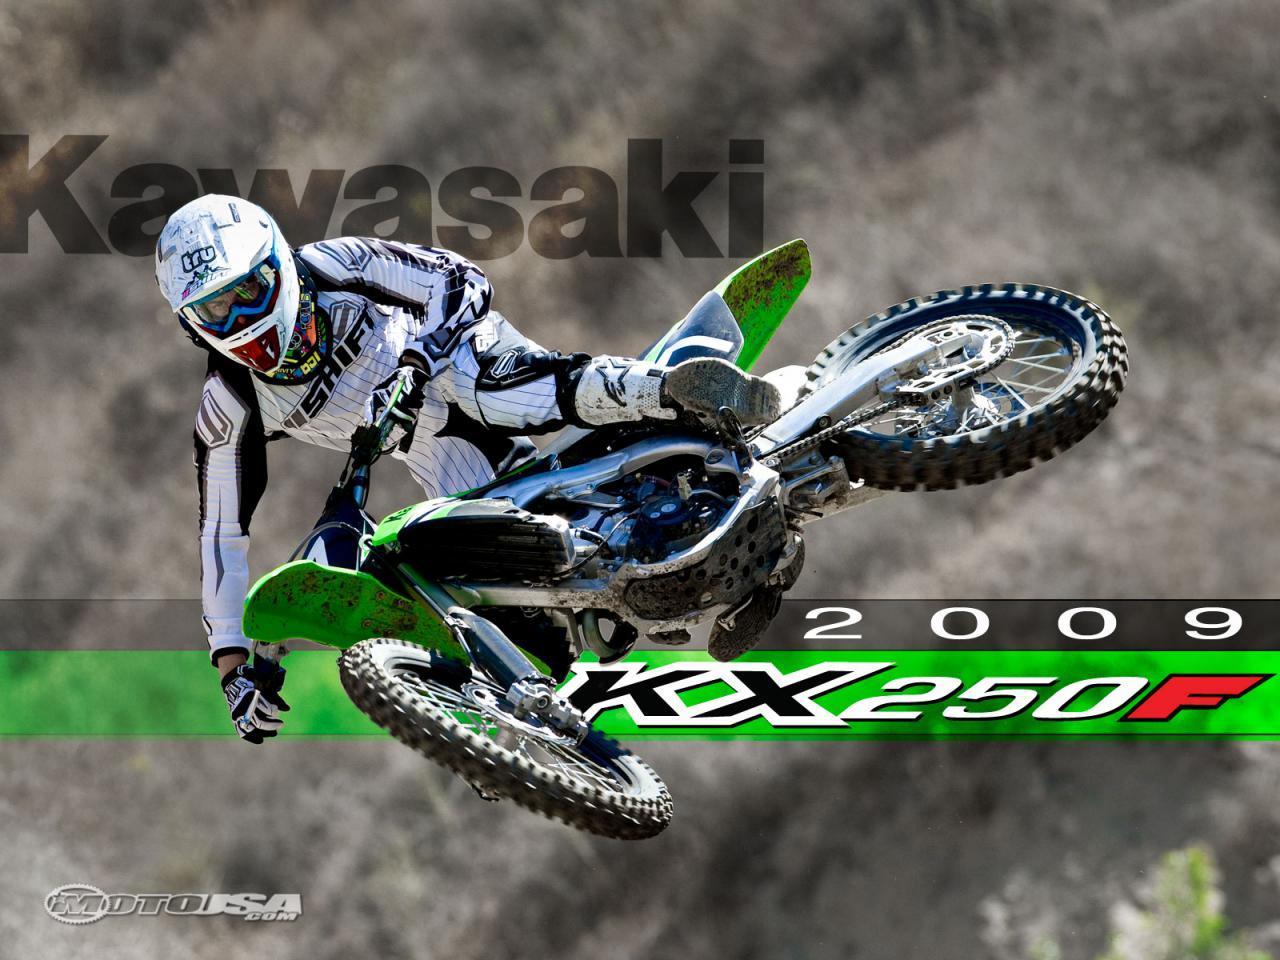 Copyright © 2001-2014 en.kawasakiclub.net, Kawasaki club. All rights